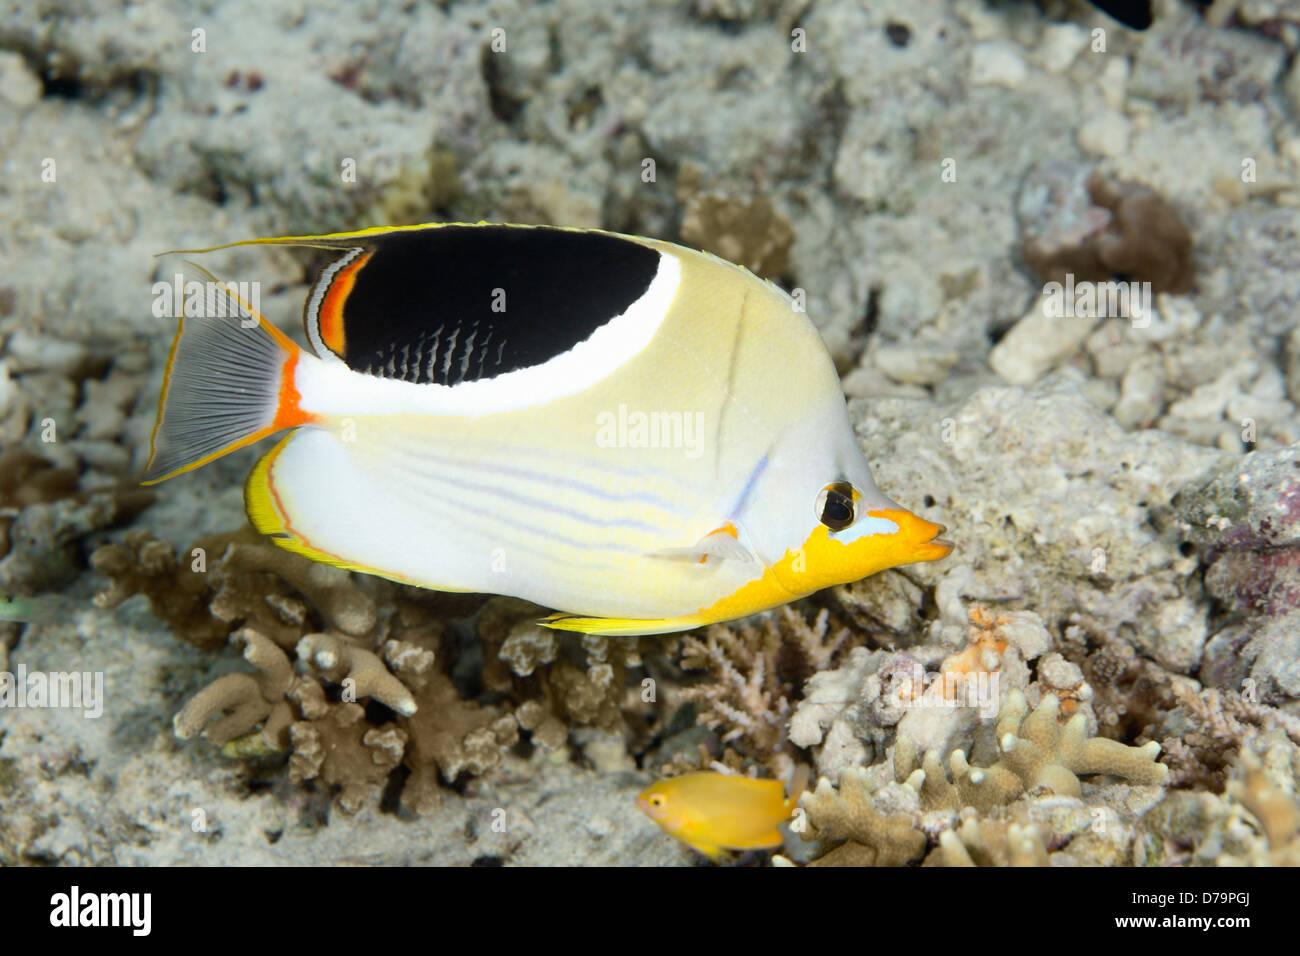 Saddled Butterflyfish, Chaetodon ephippium. - Stock Image